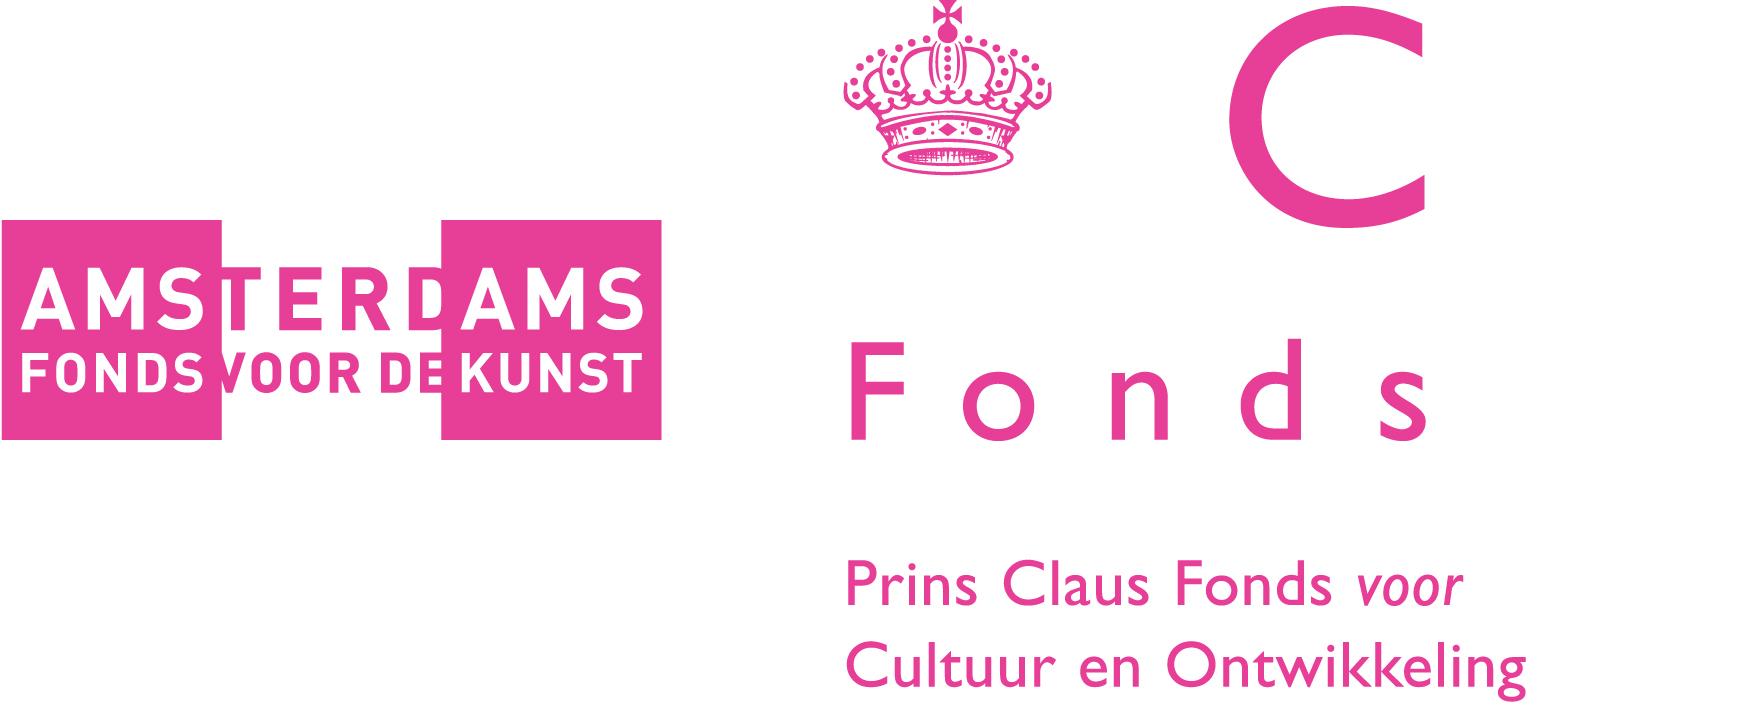 Amsterdam Fonds voor de Kunst en Prins Claus Fonds